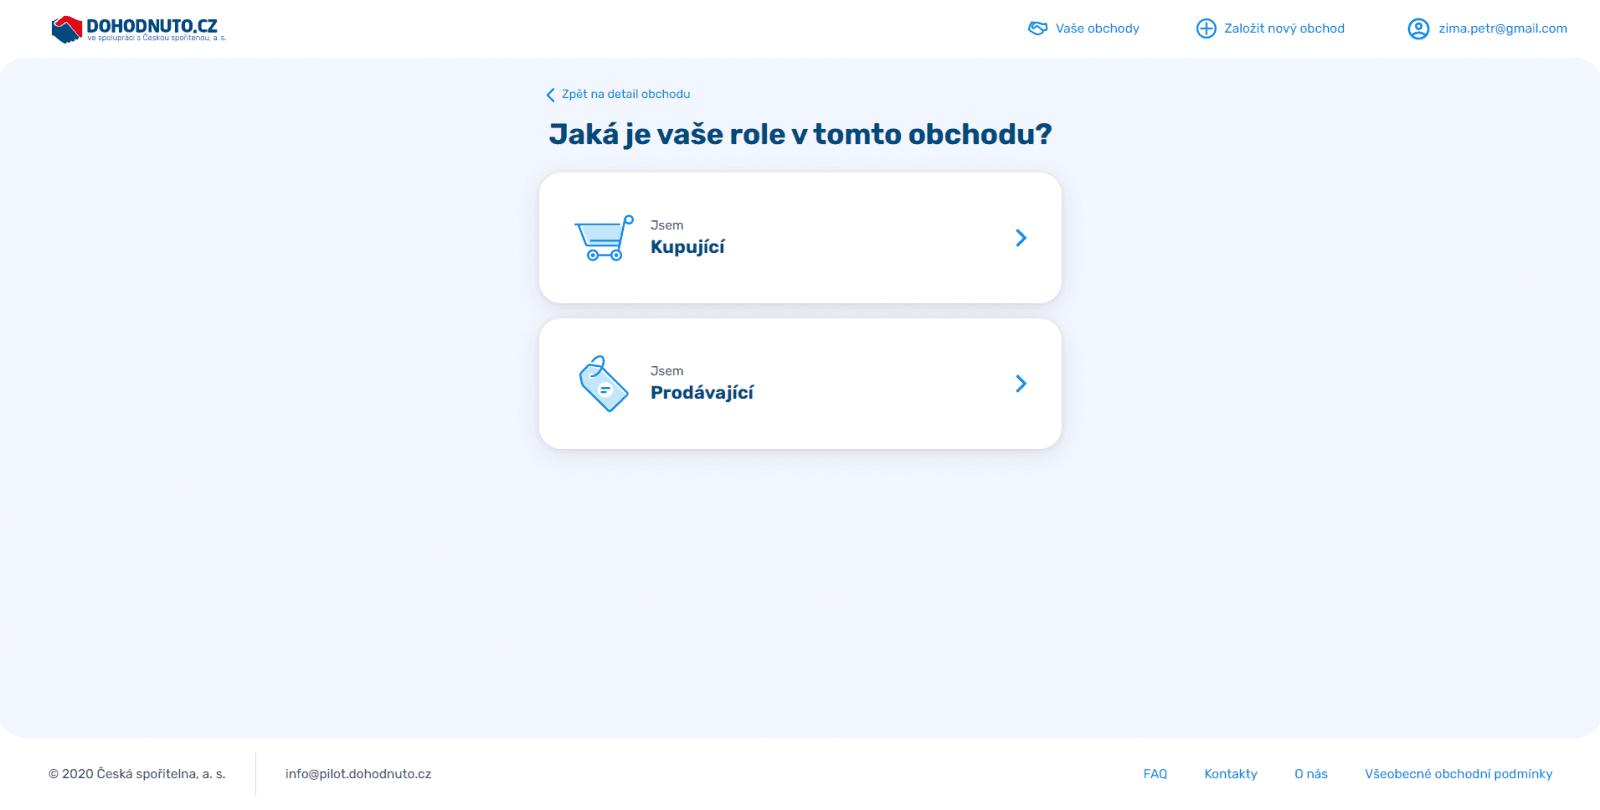 Dohodnuto.cz